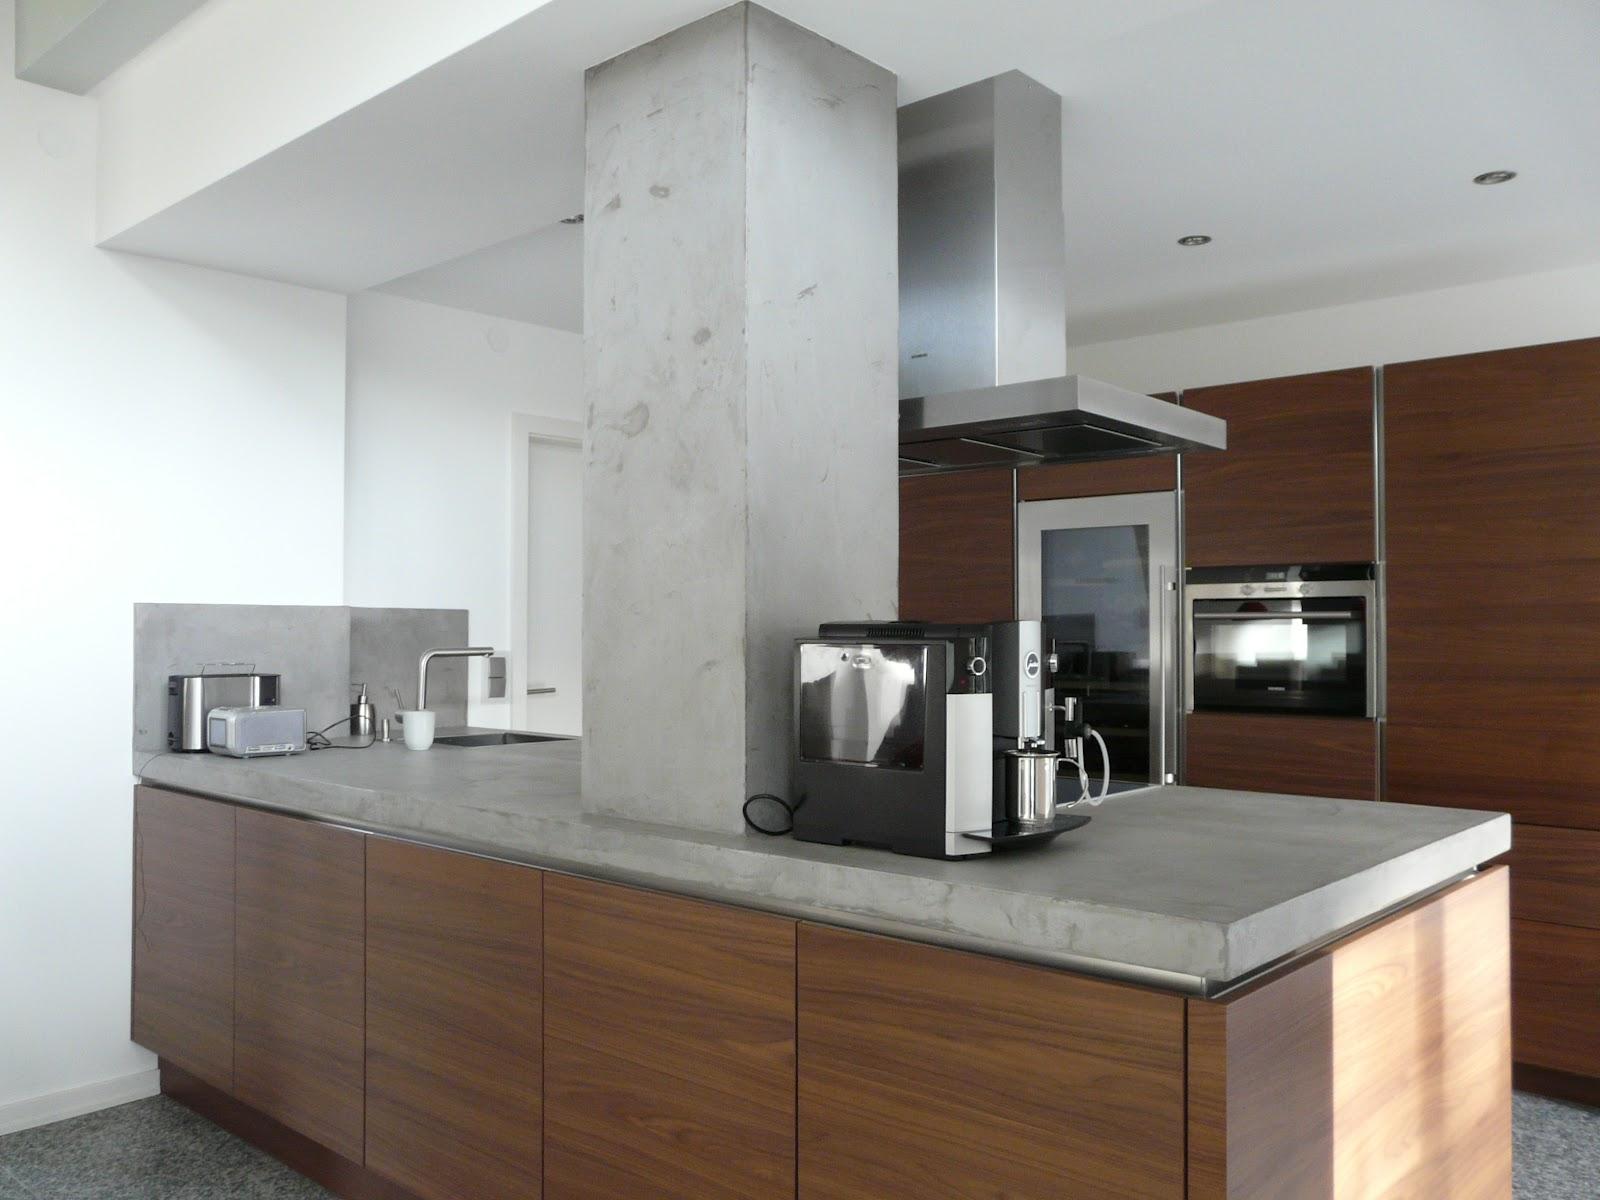 Full Size of Küchenwand Lifeboxgmbh Beton Cire Cir Kchenwand Wohnzimmer Küchenwand